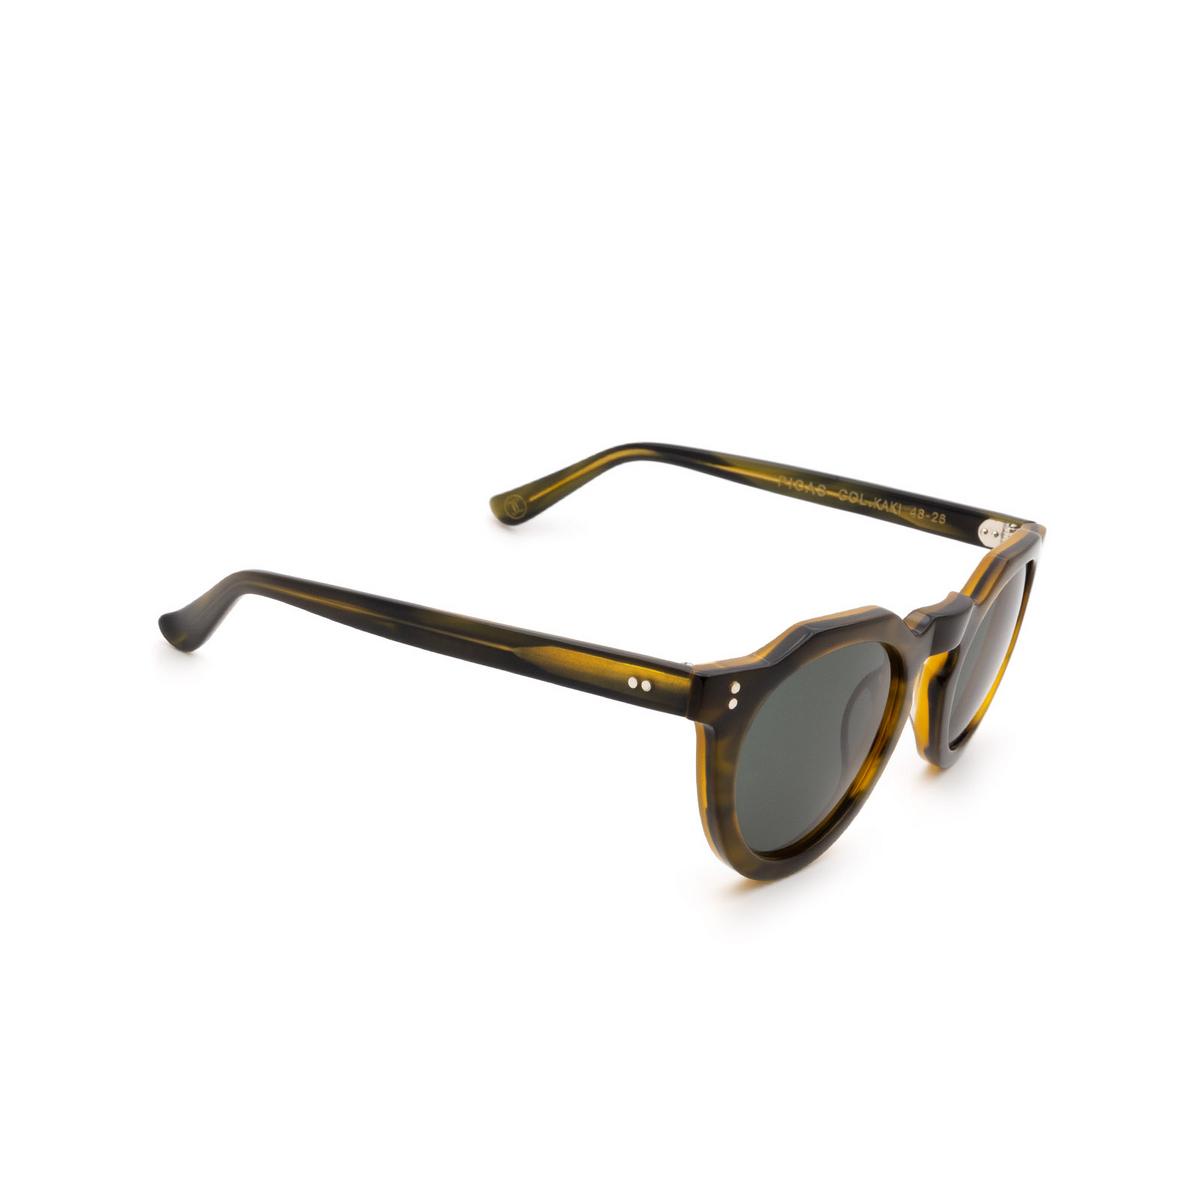 Lesca® Irregular Sunglasses: Picas color Khaki - three-quarters view.